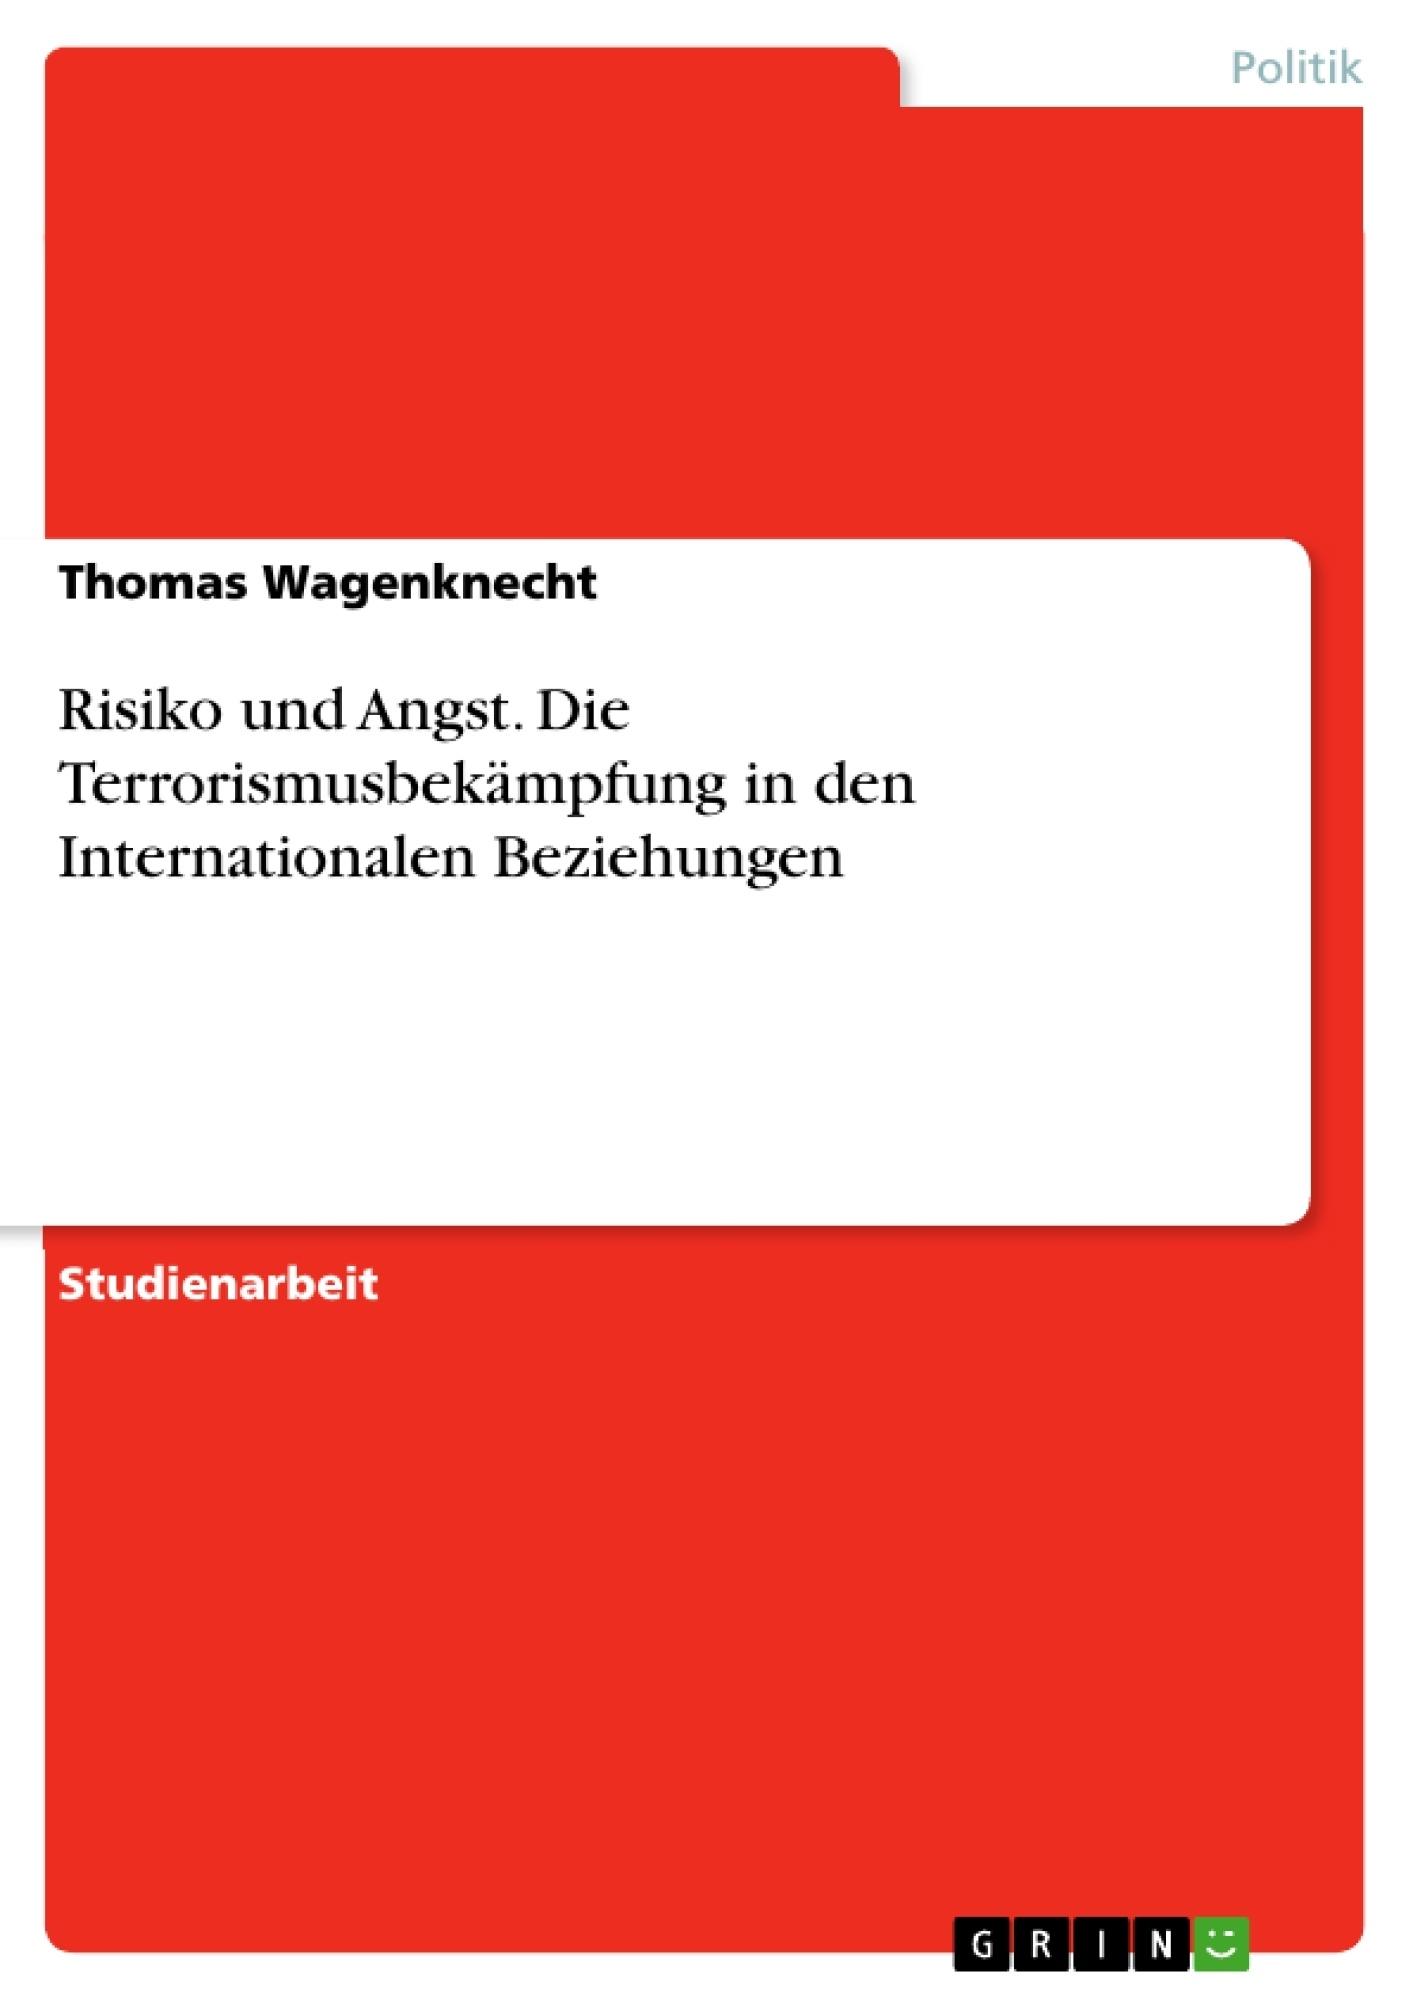 Titel: Risiko und Angst. Die Terrorismusbekämpfung in den Internationalen Beziehungen